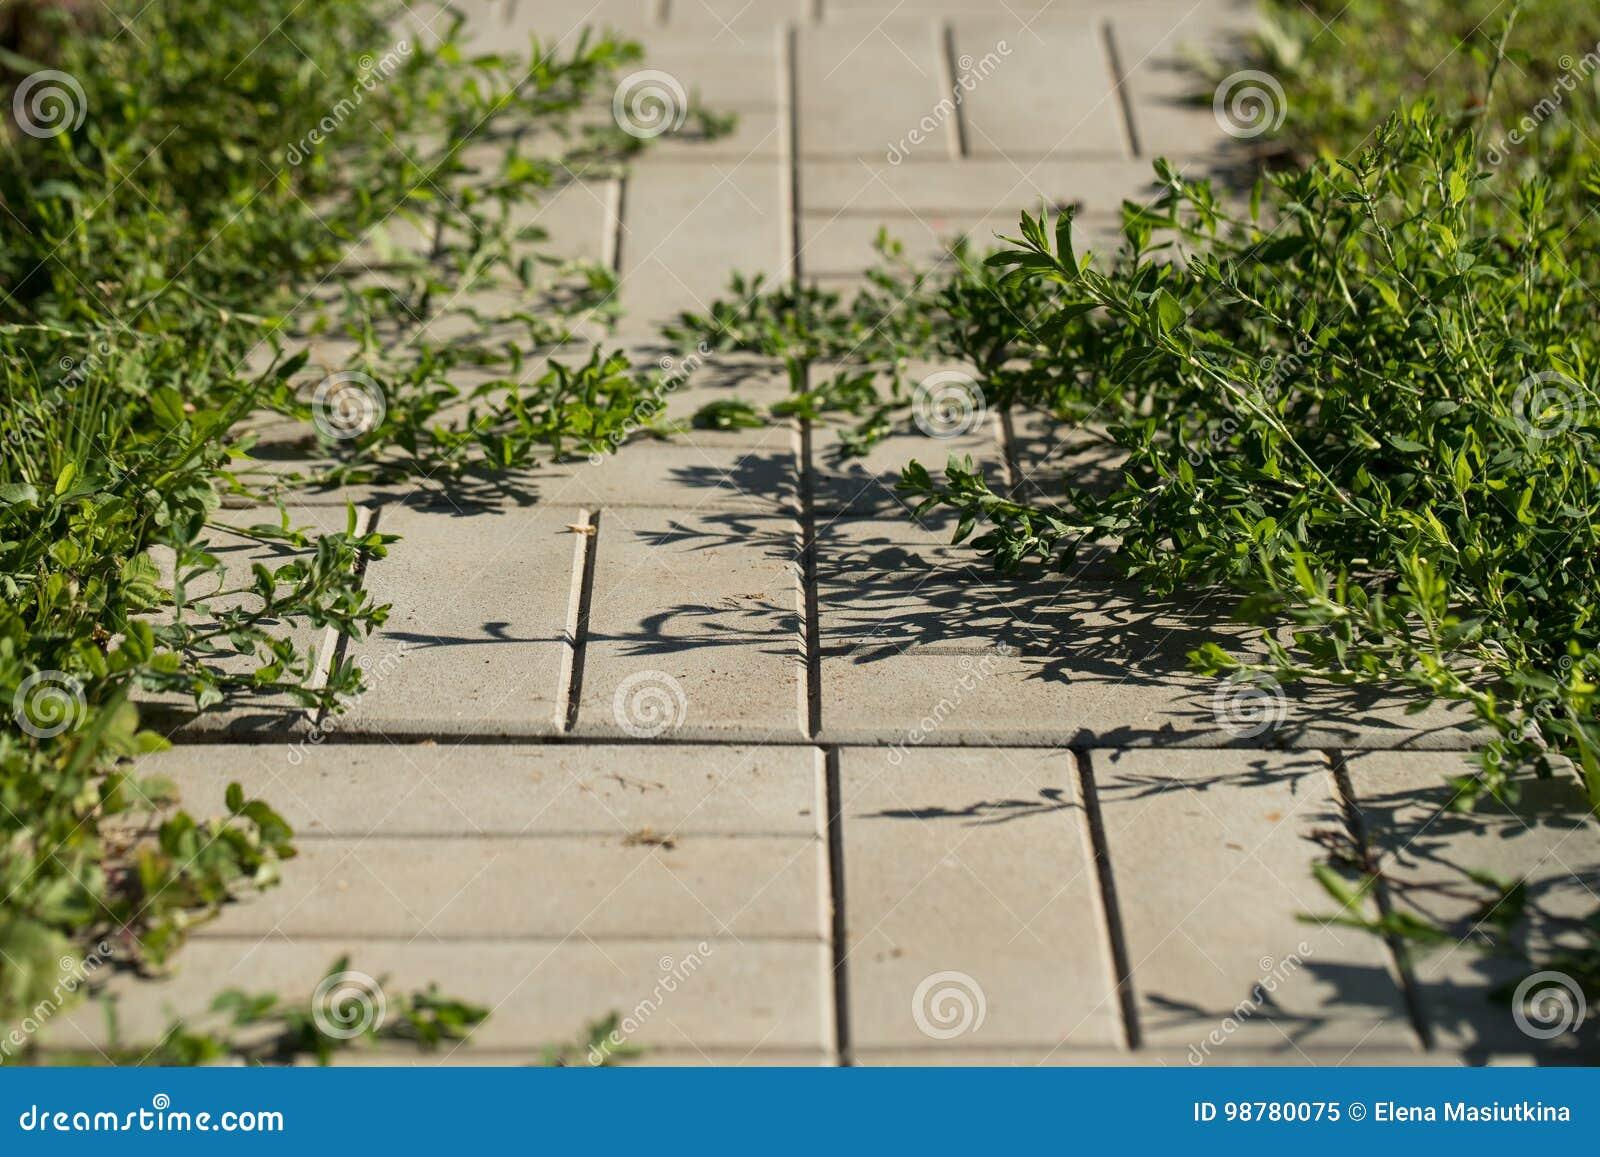 Strada delle mattonelle con erba nel giardino di estate immagine